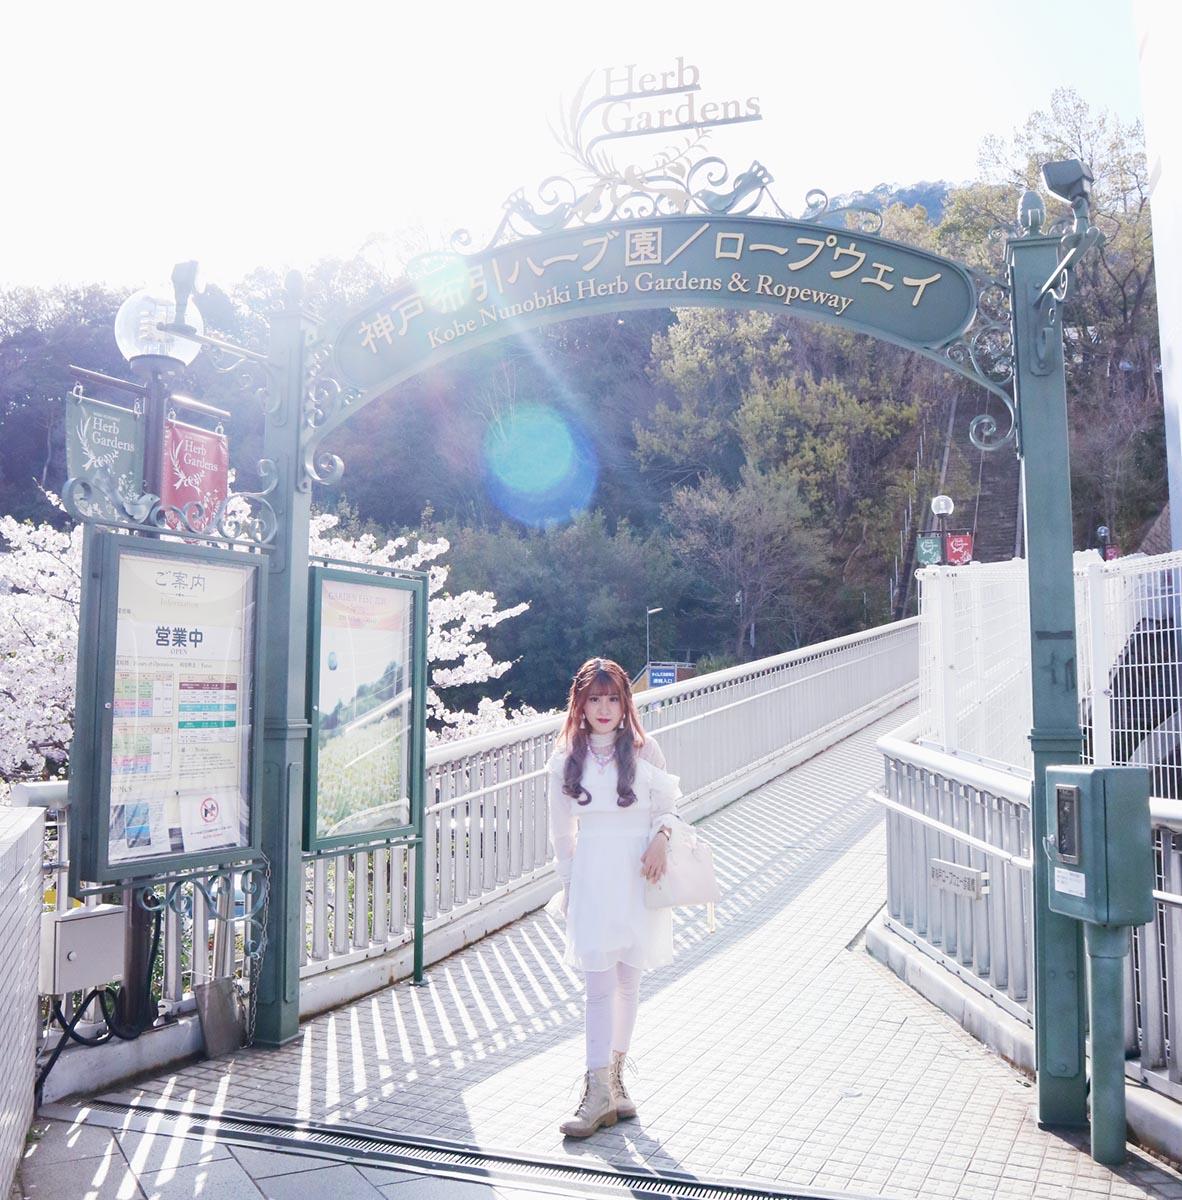 KOBE Travel : Kobe Harborland, Kobe Nunobiki Herb Garden & Ropeway